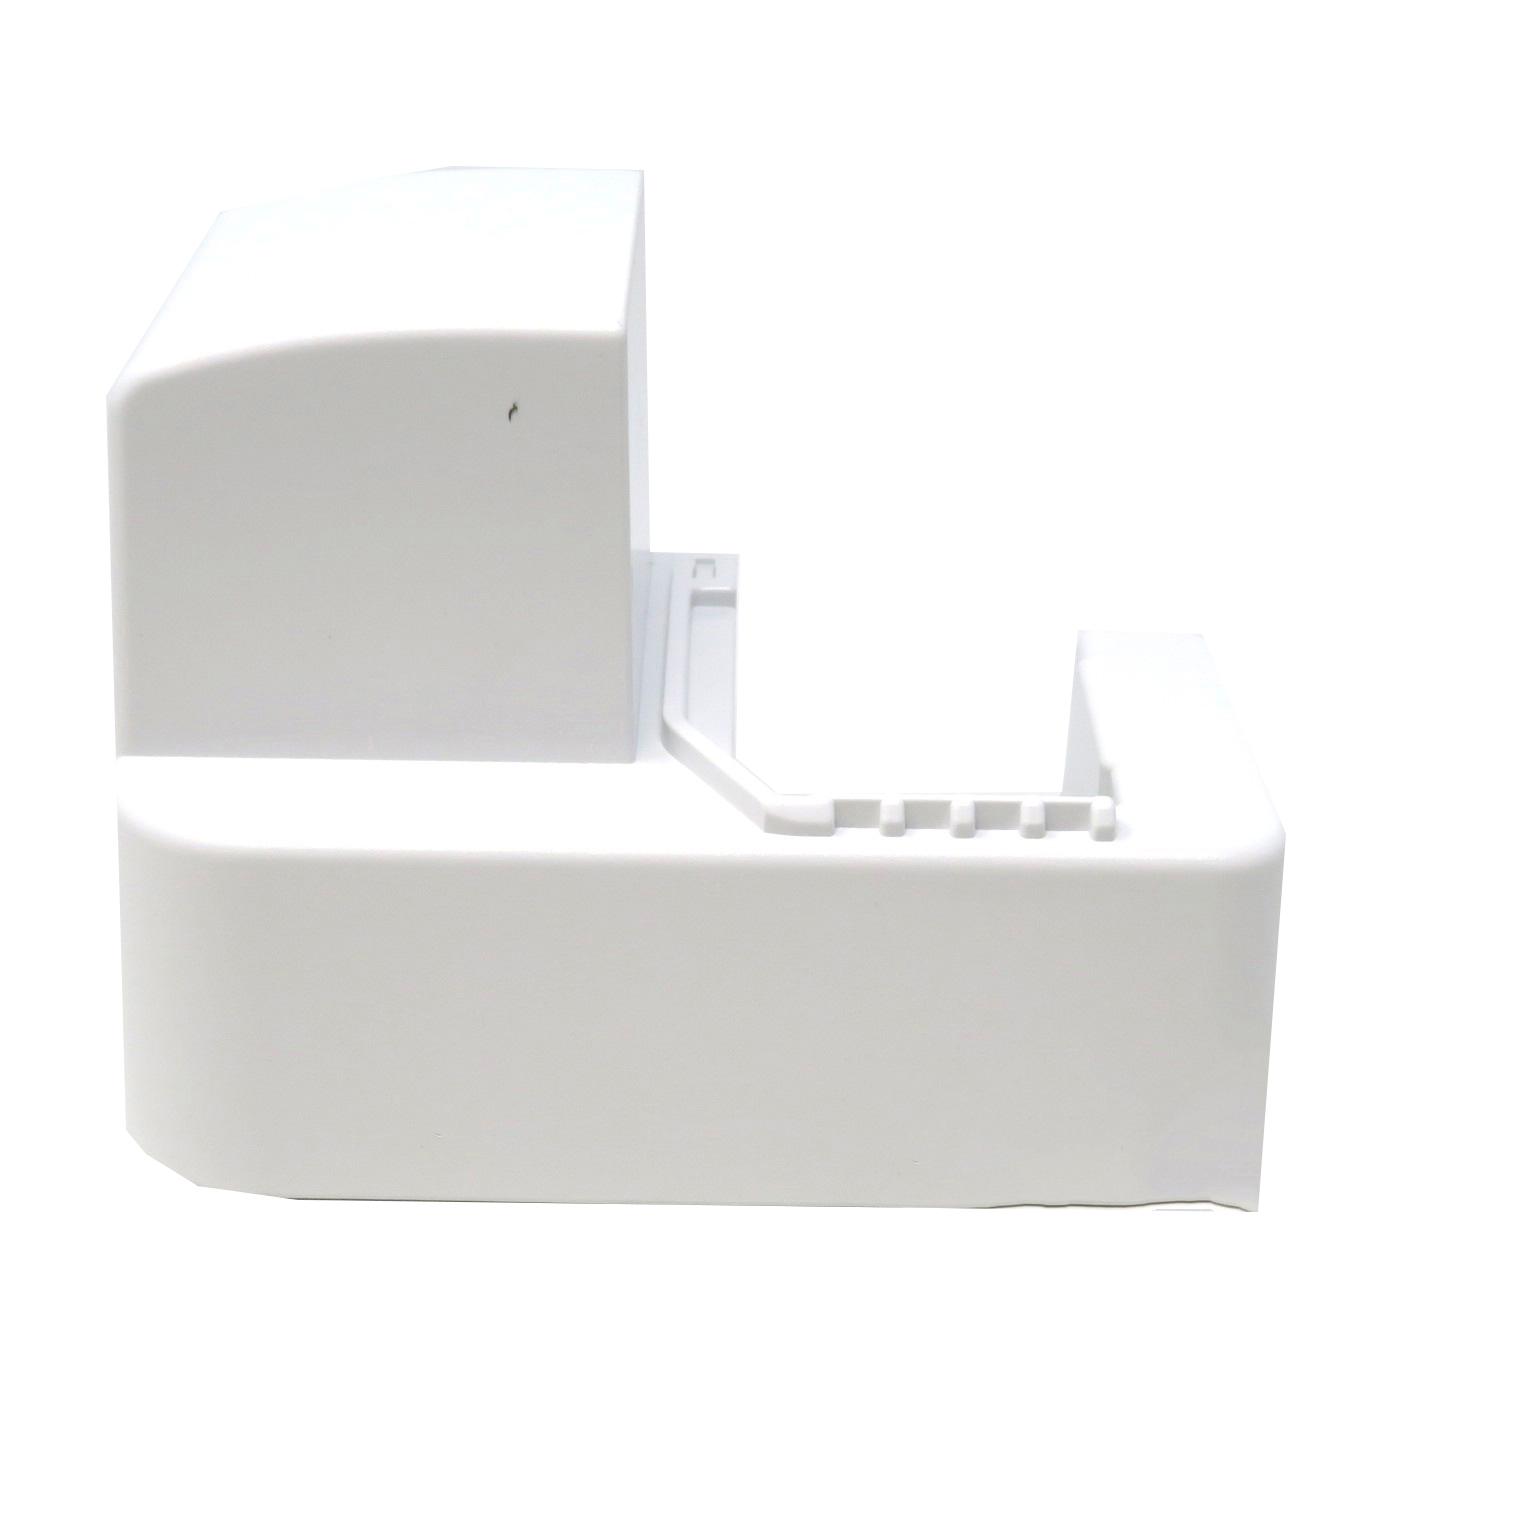 Original Hp 3 X 550 Sheet Feeder Stand Caster R (RC4-8969-000CN)